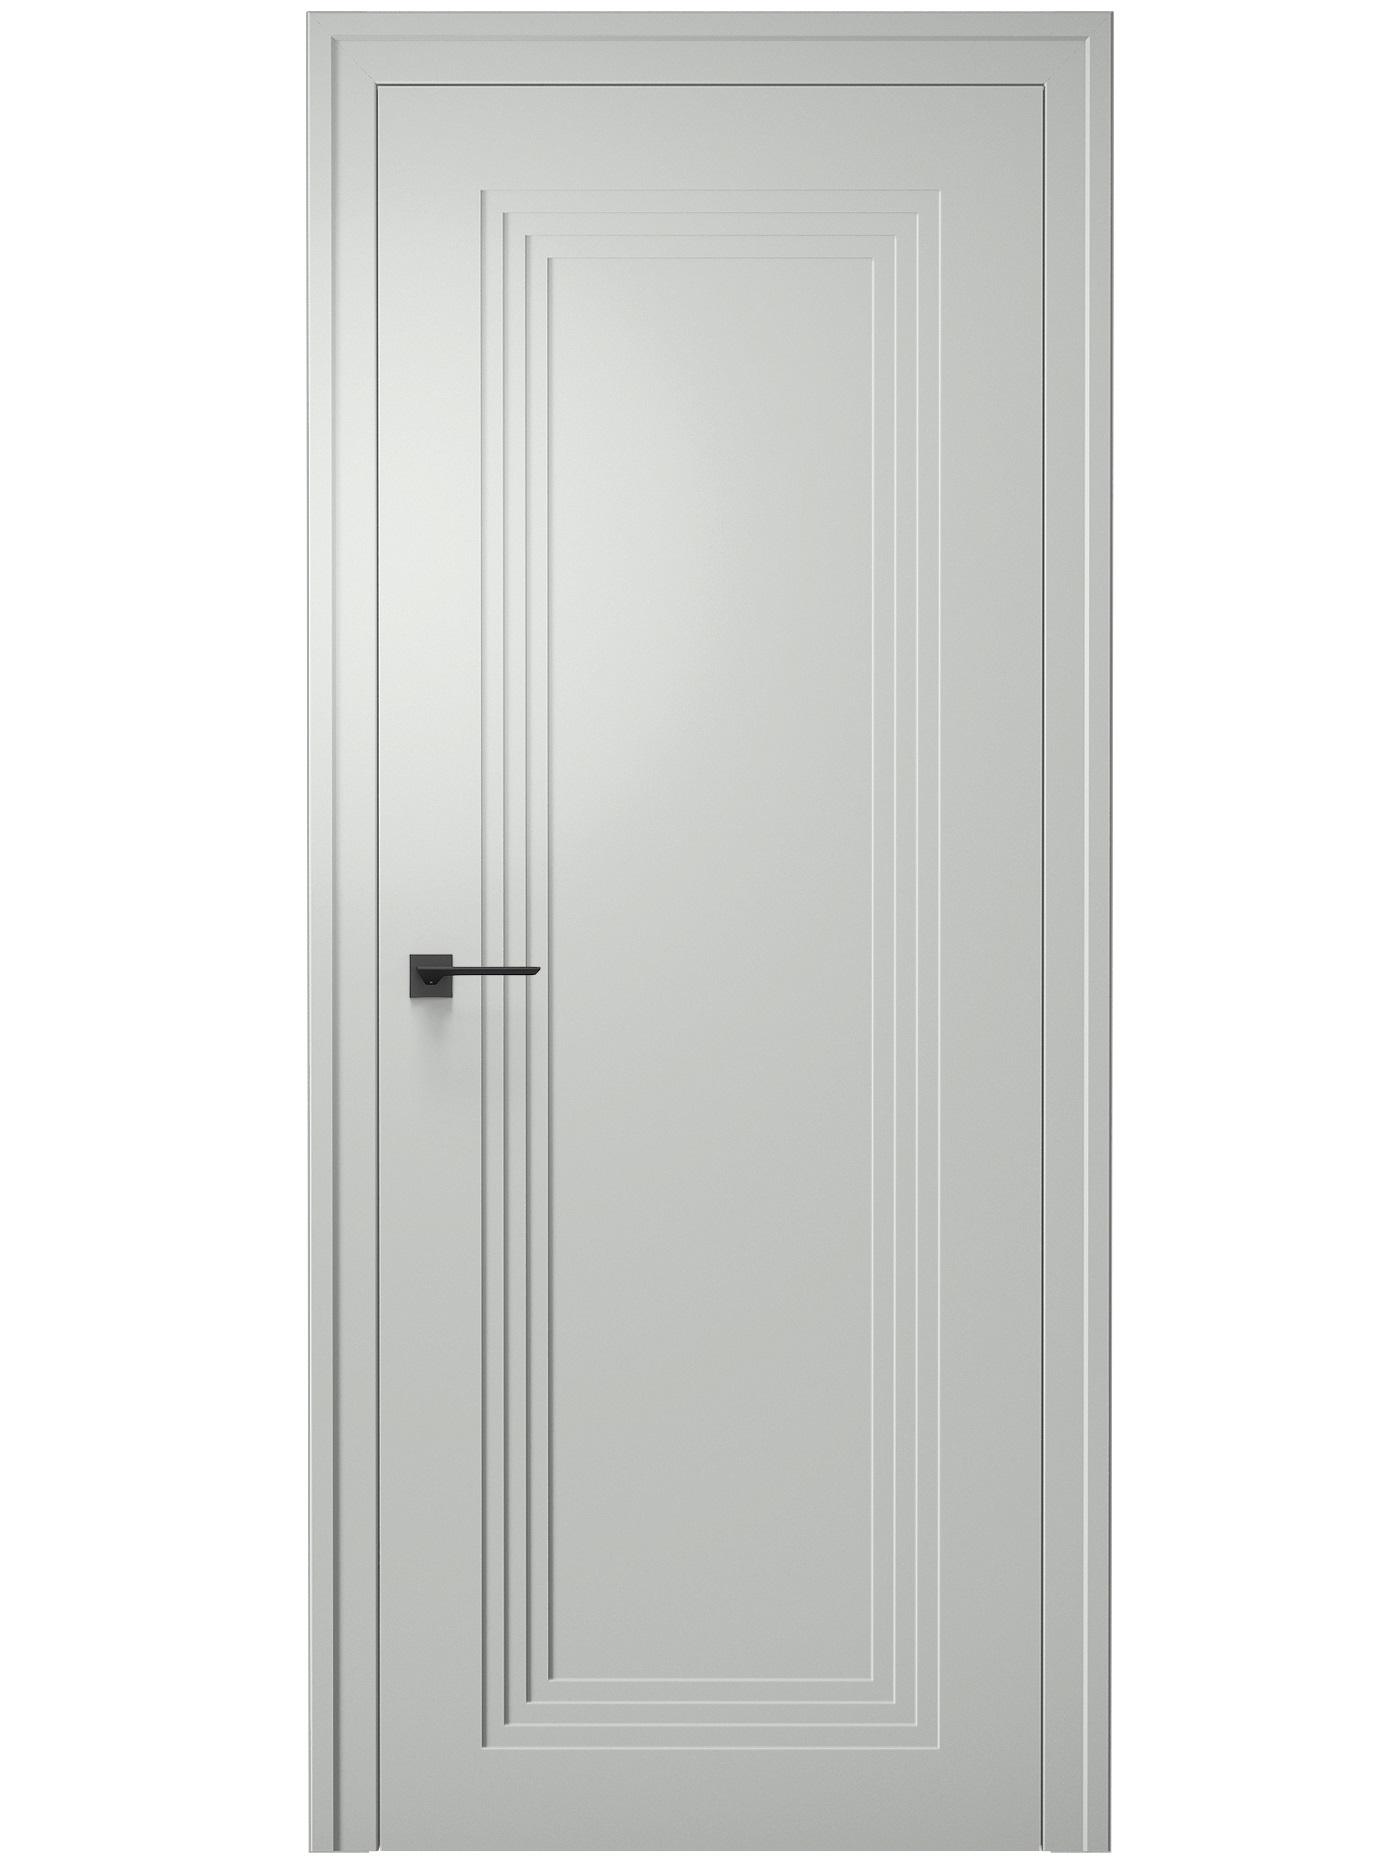 Image Complicada Interior Door Italian Enamel RAL7035 0